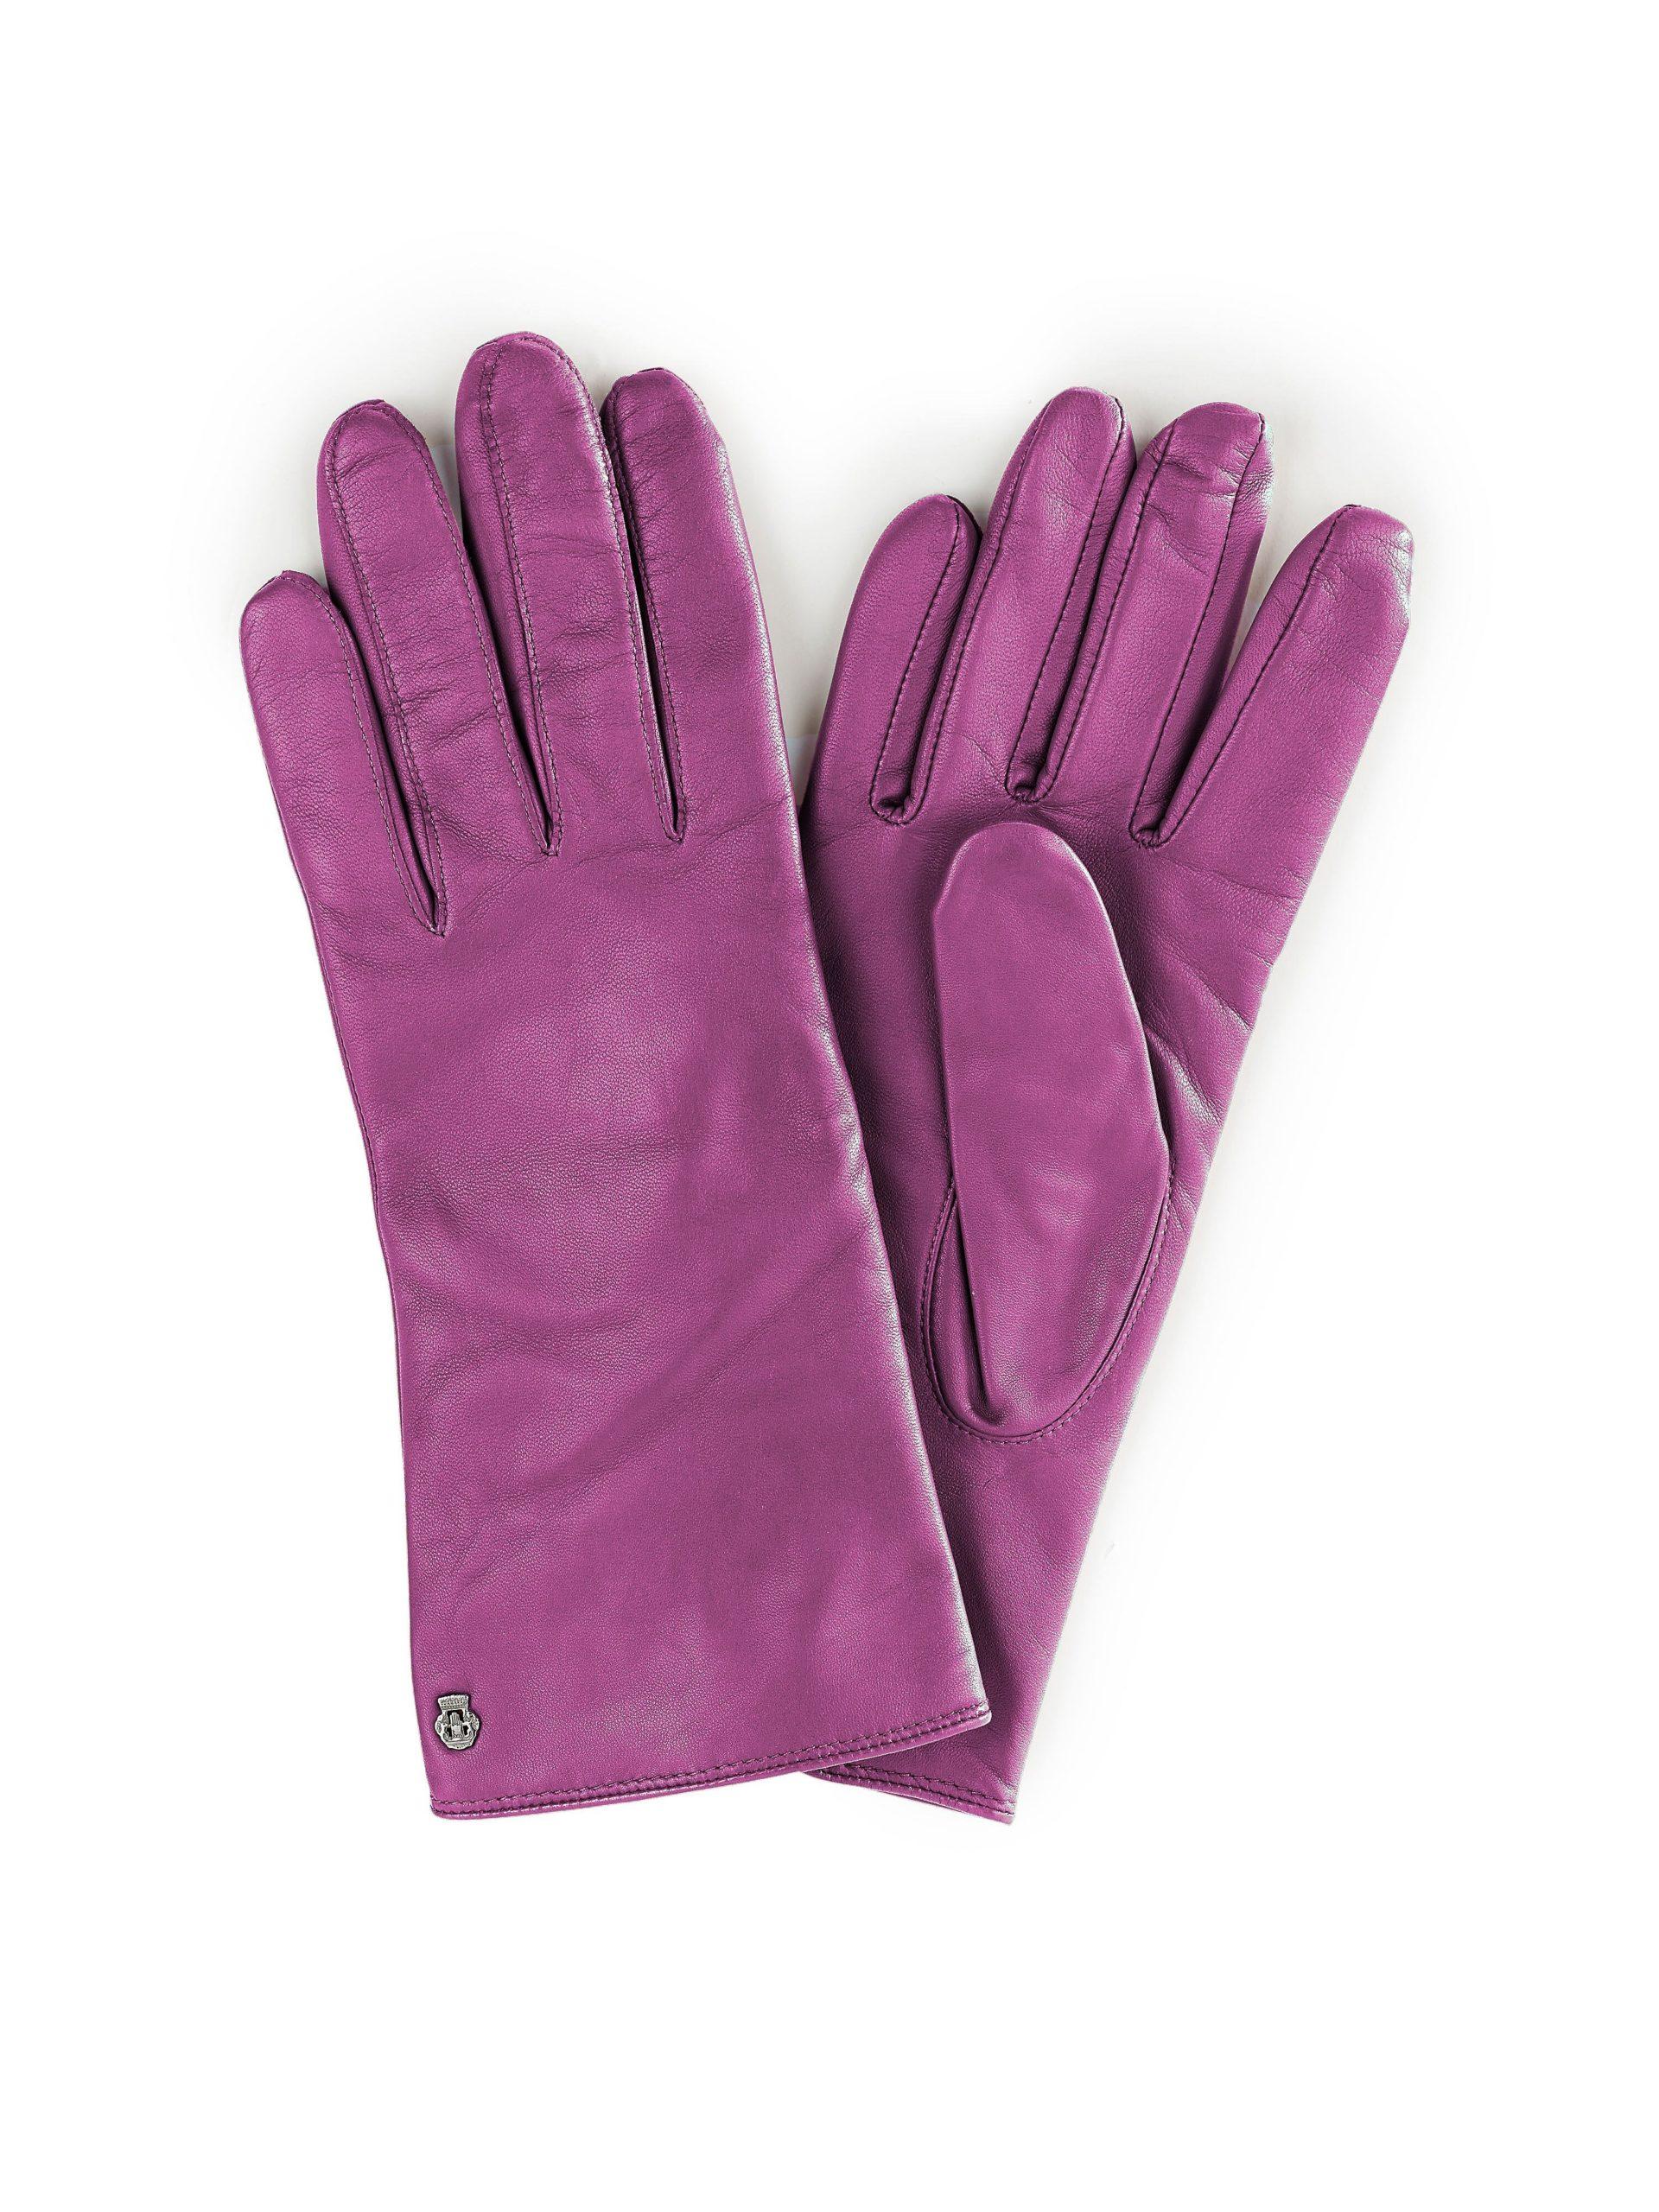 Handschoenen Van Roeckl roze Kopen